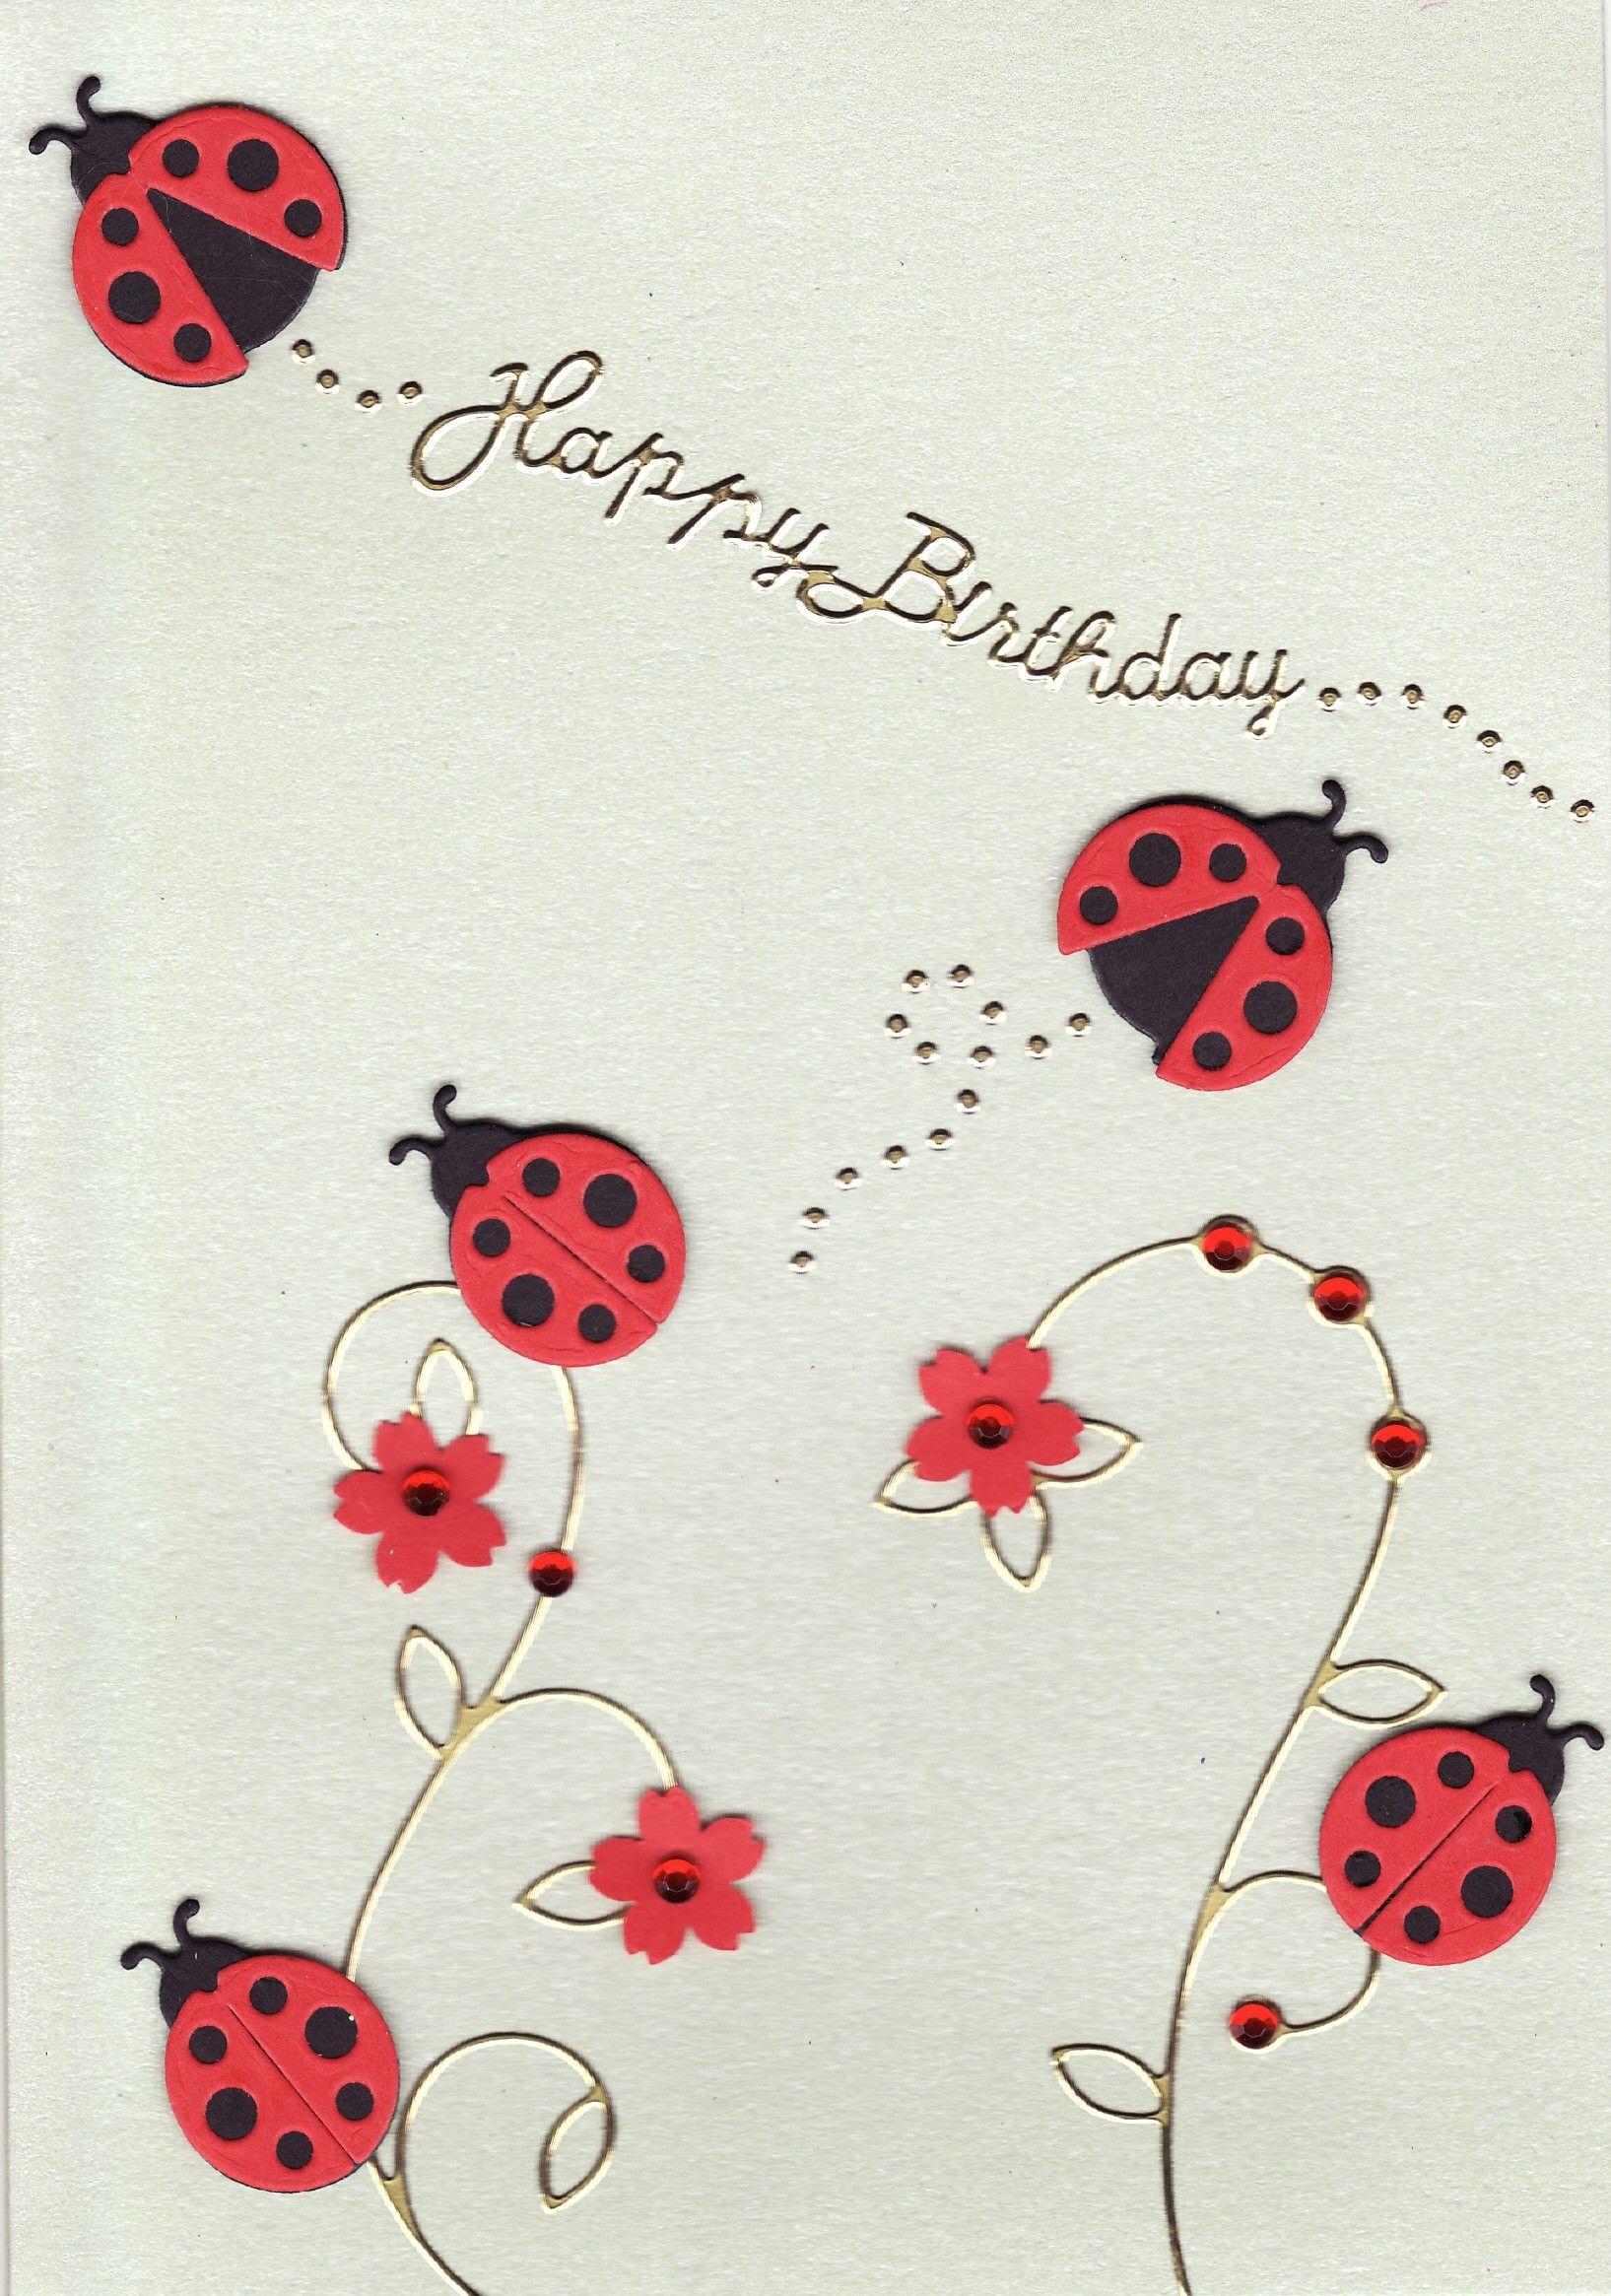 f8 Bugs Boys 4th Birthday Card